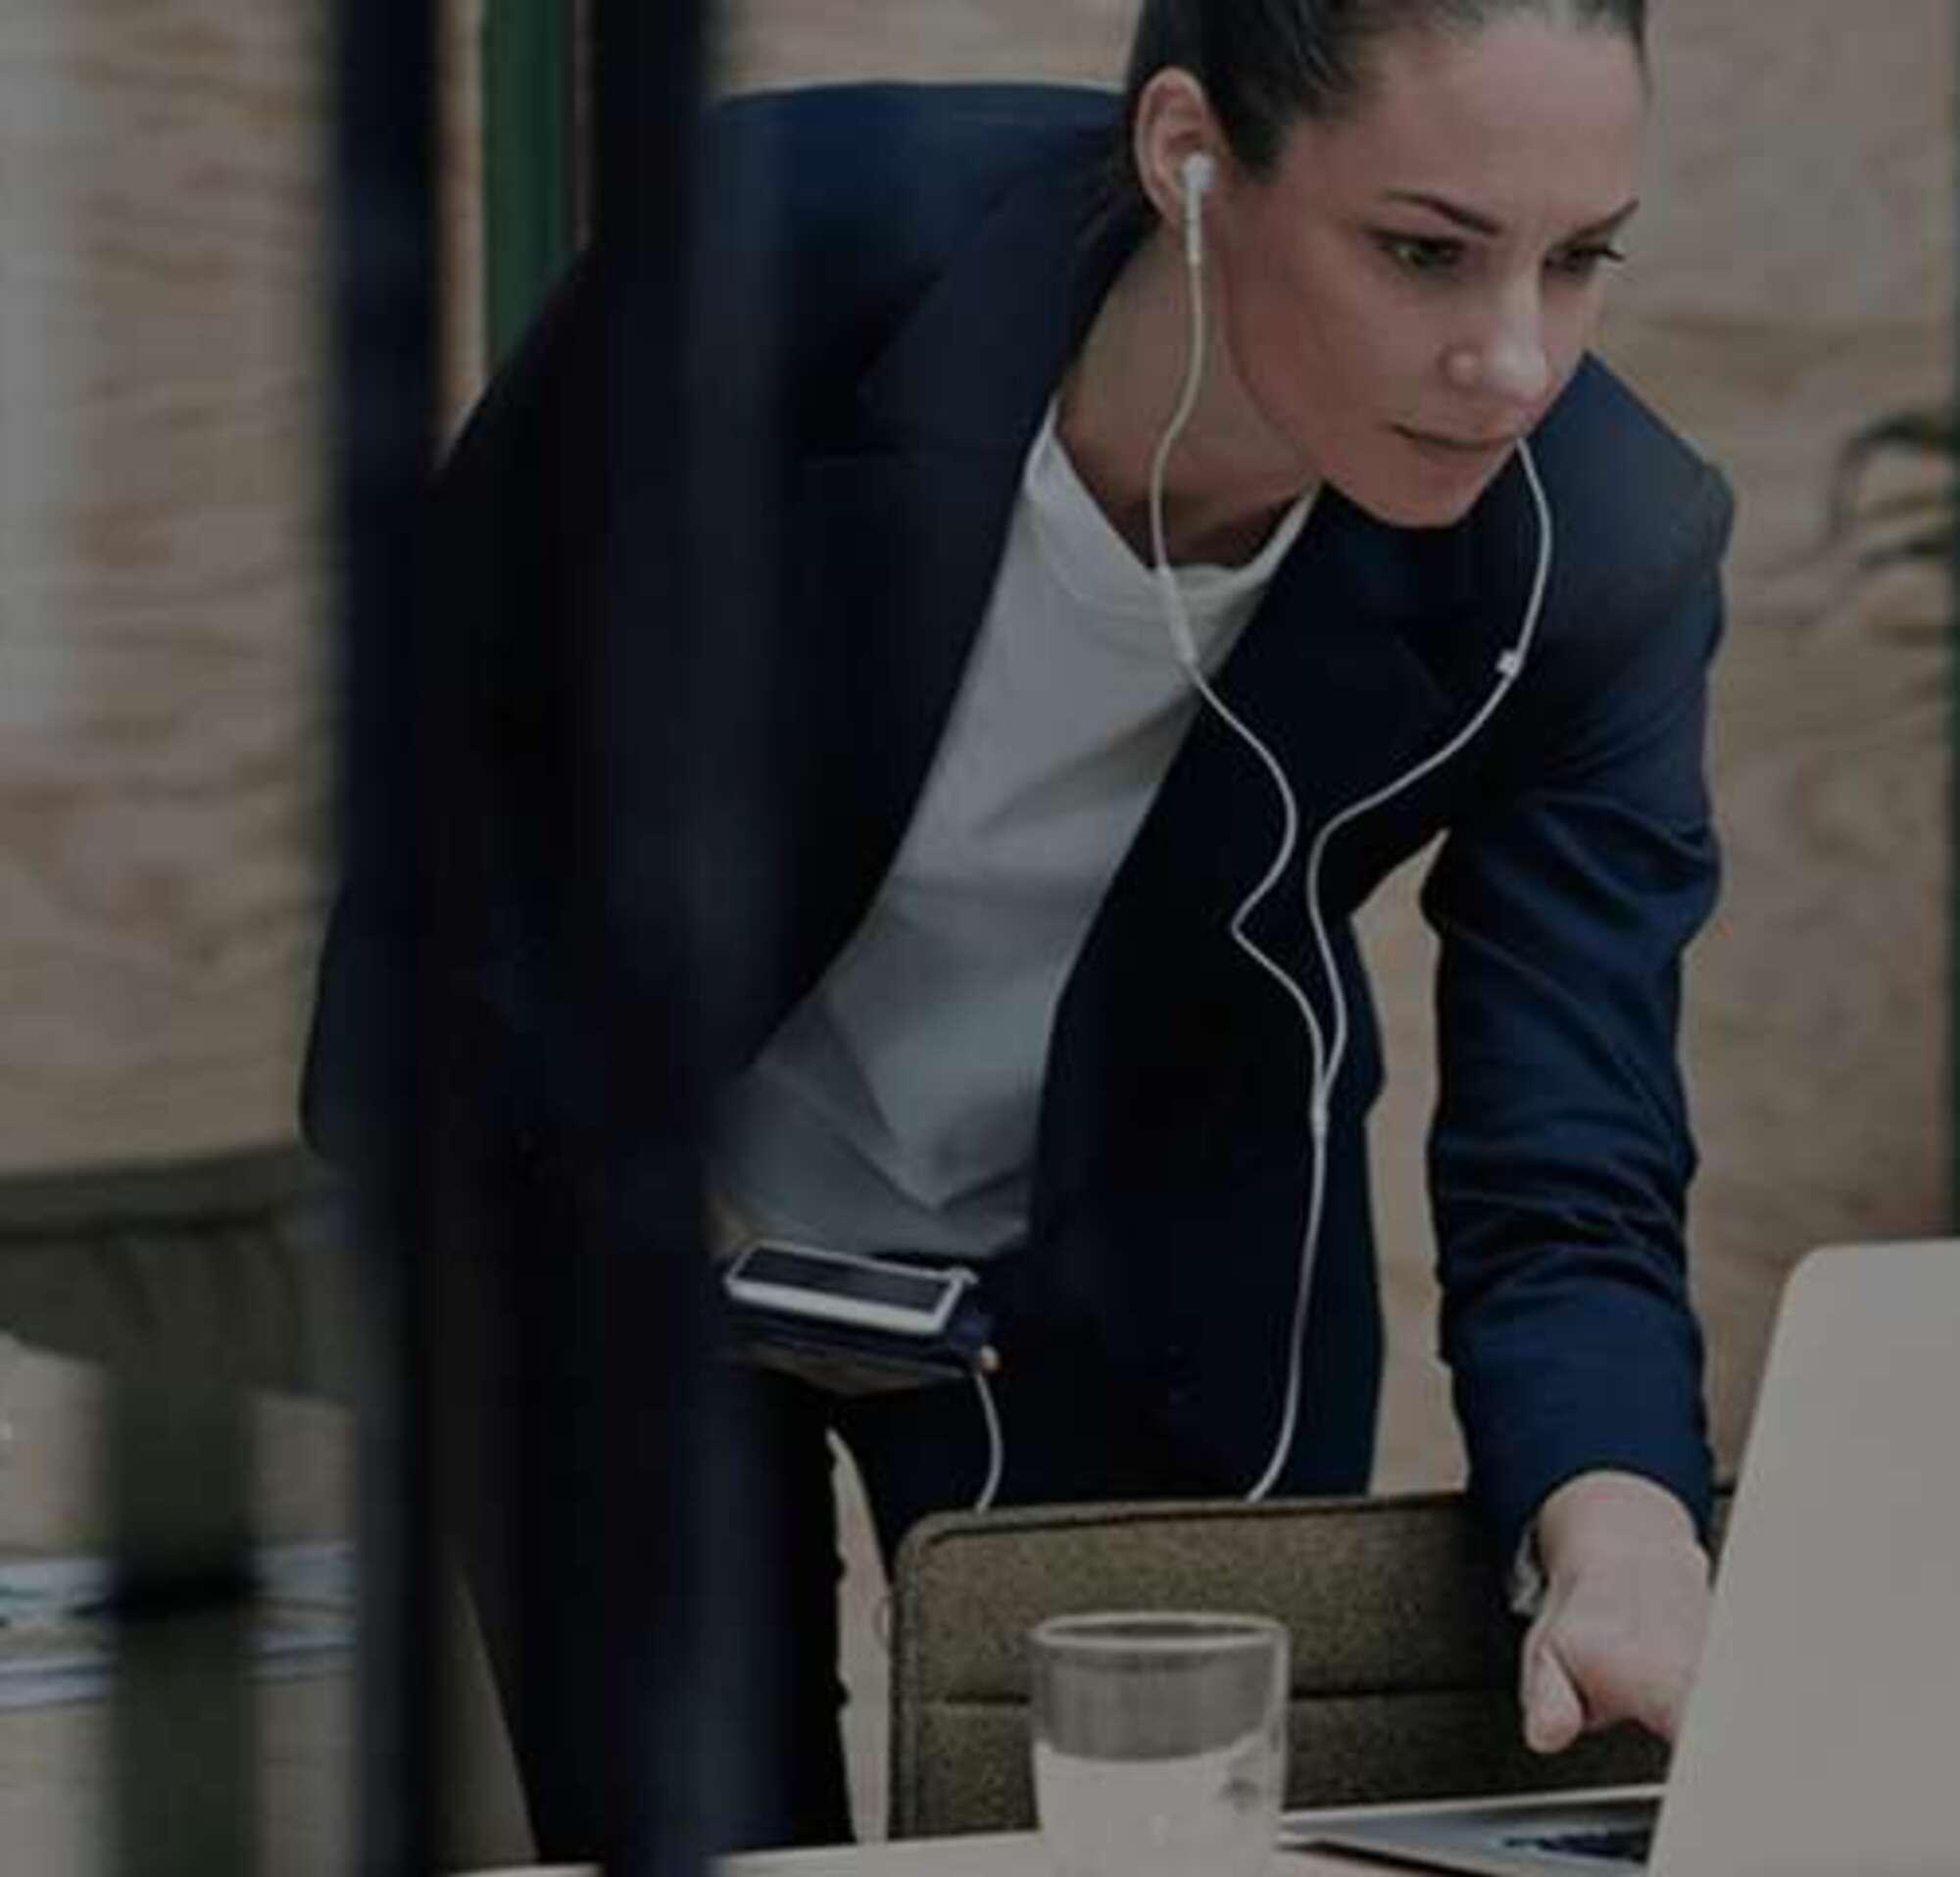 Mujer con auriculares trabajando en una laptop y con su teléfono en las manos.